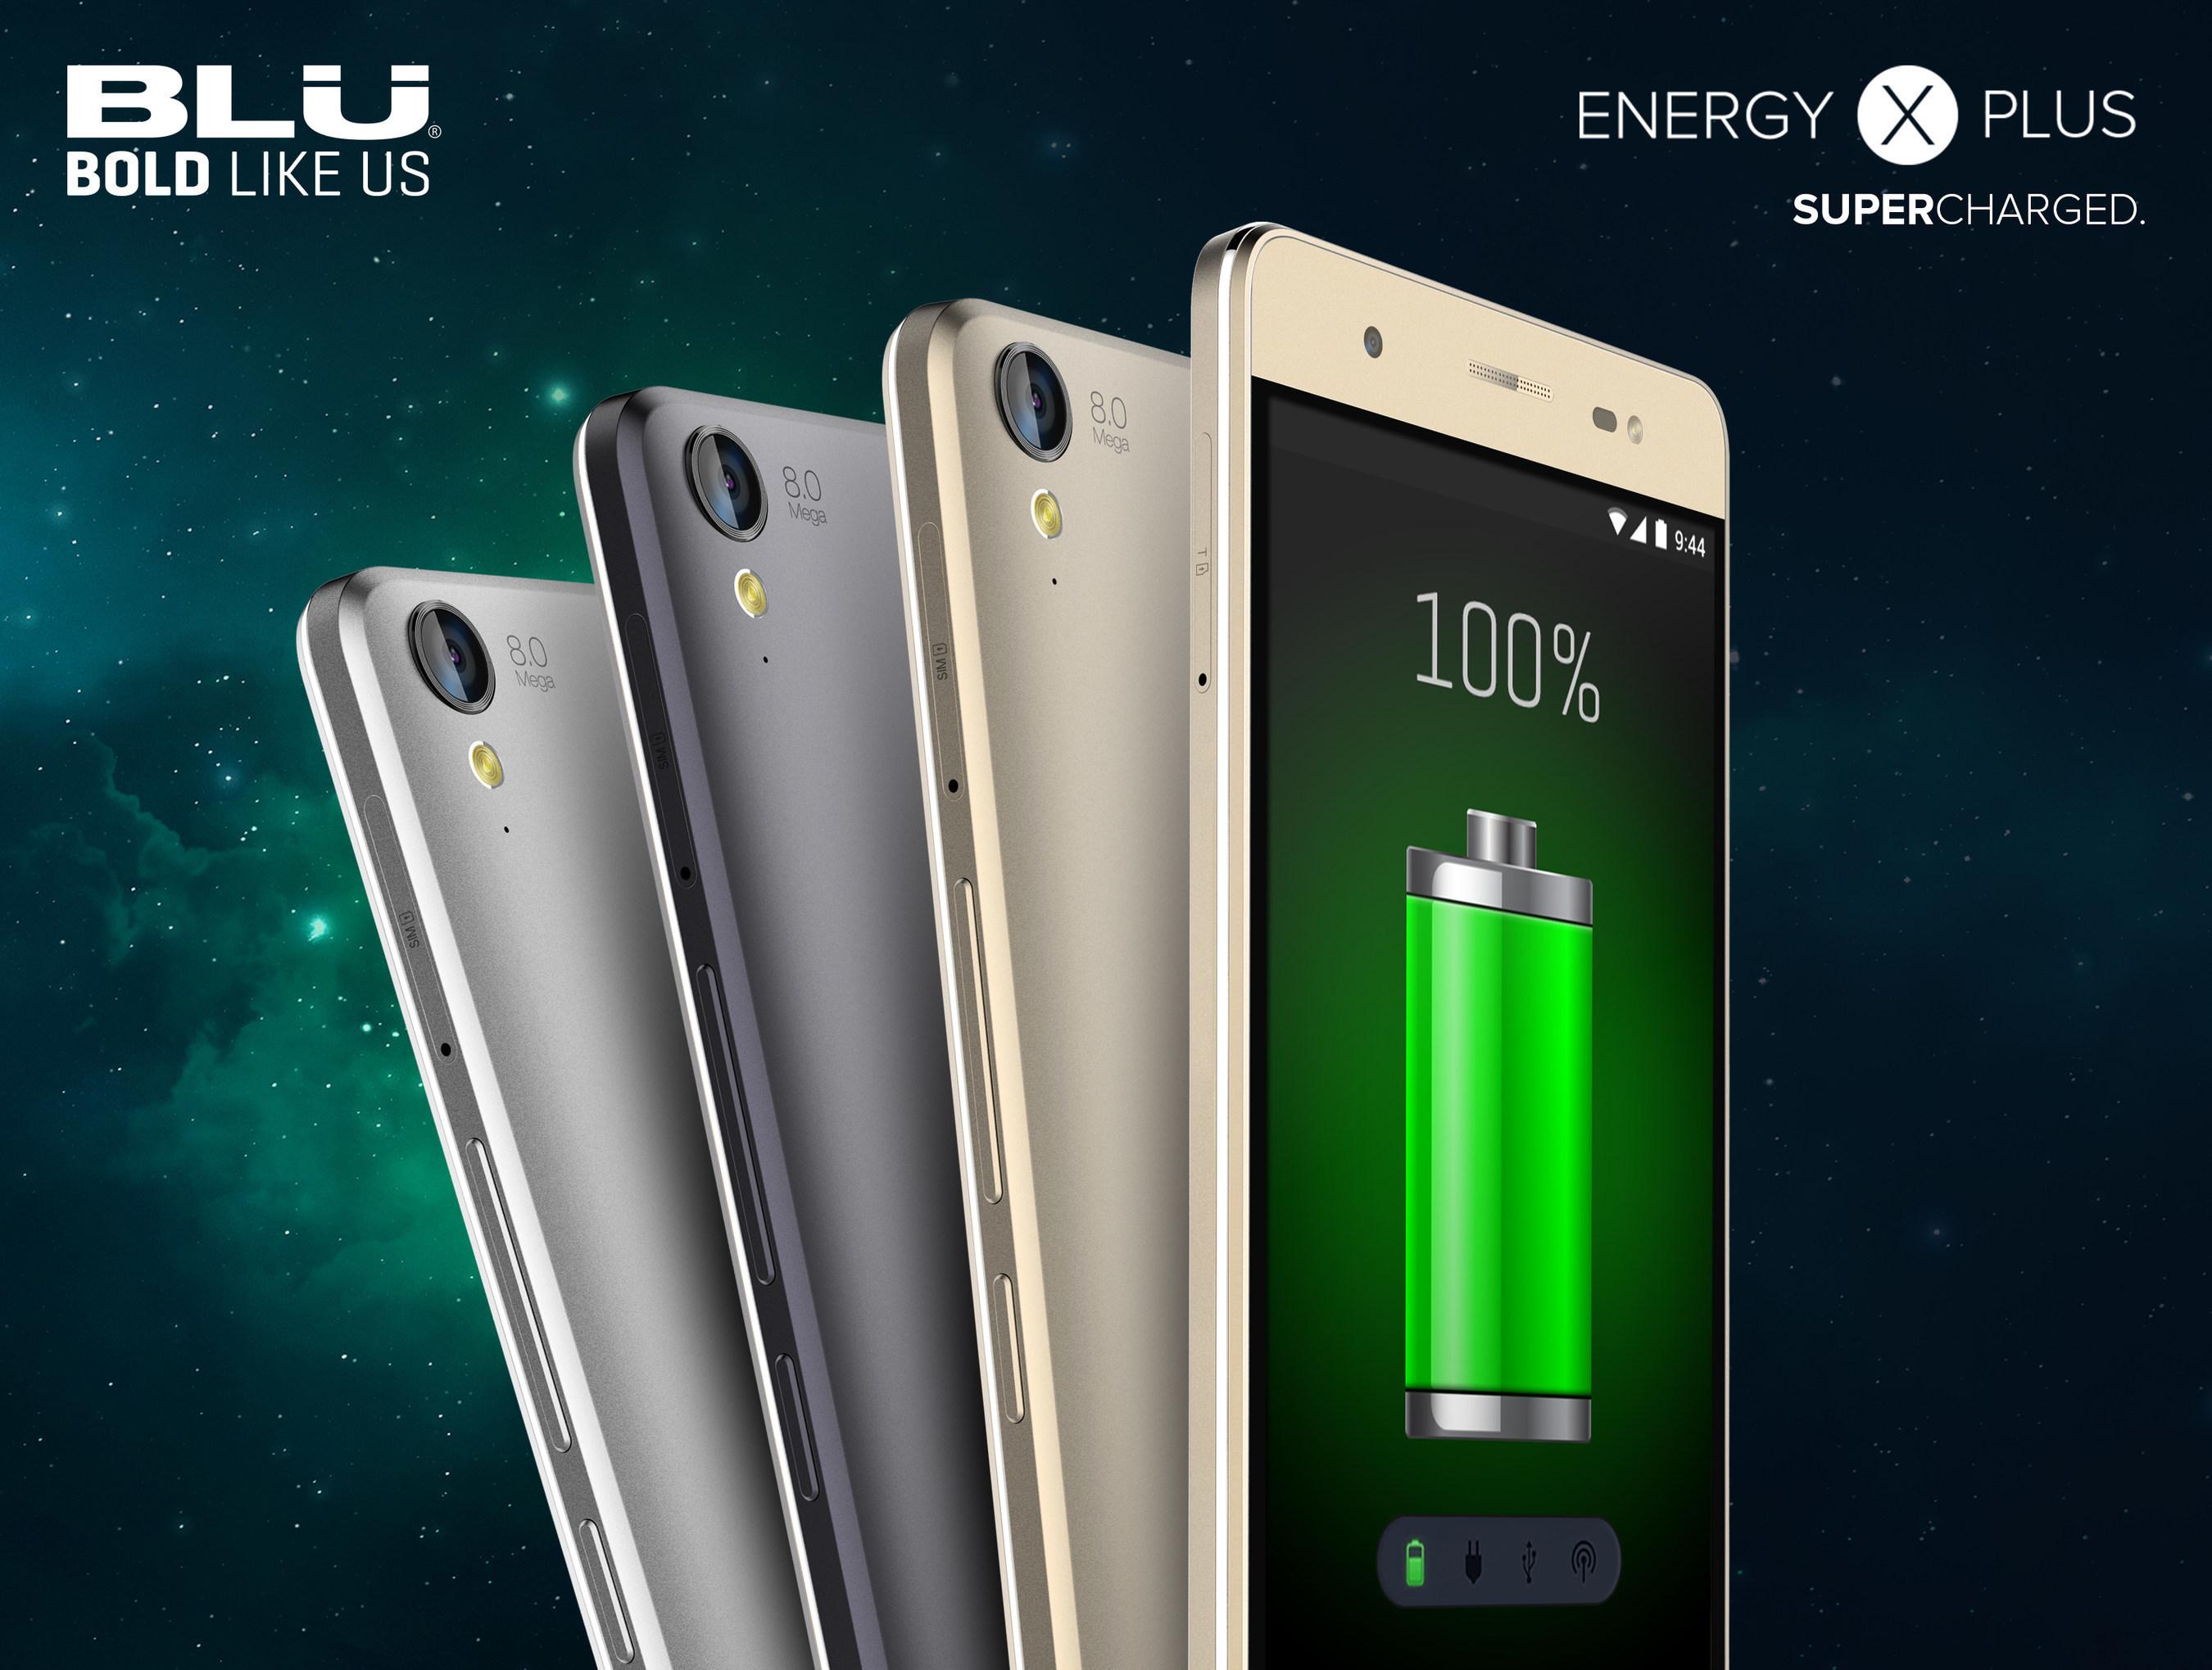 Energy X Plus